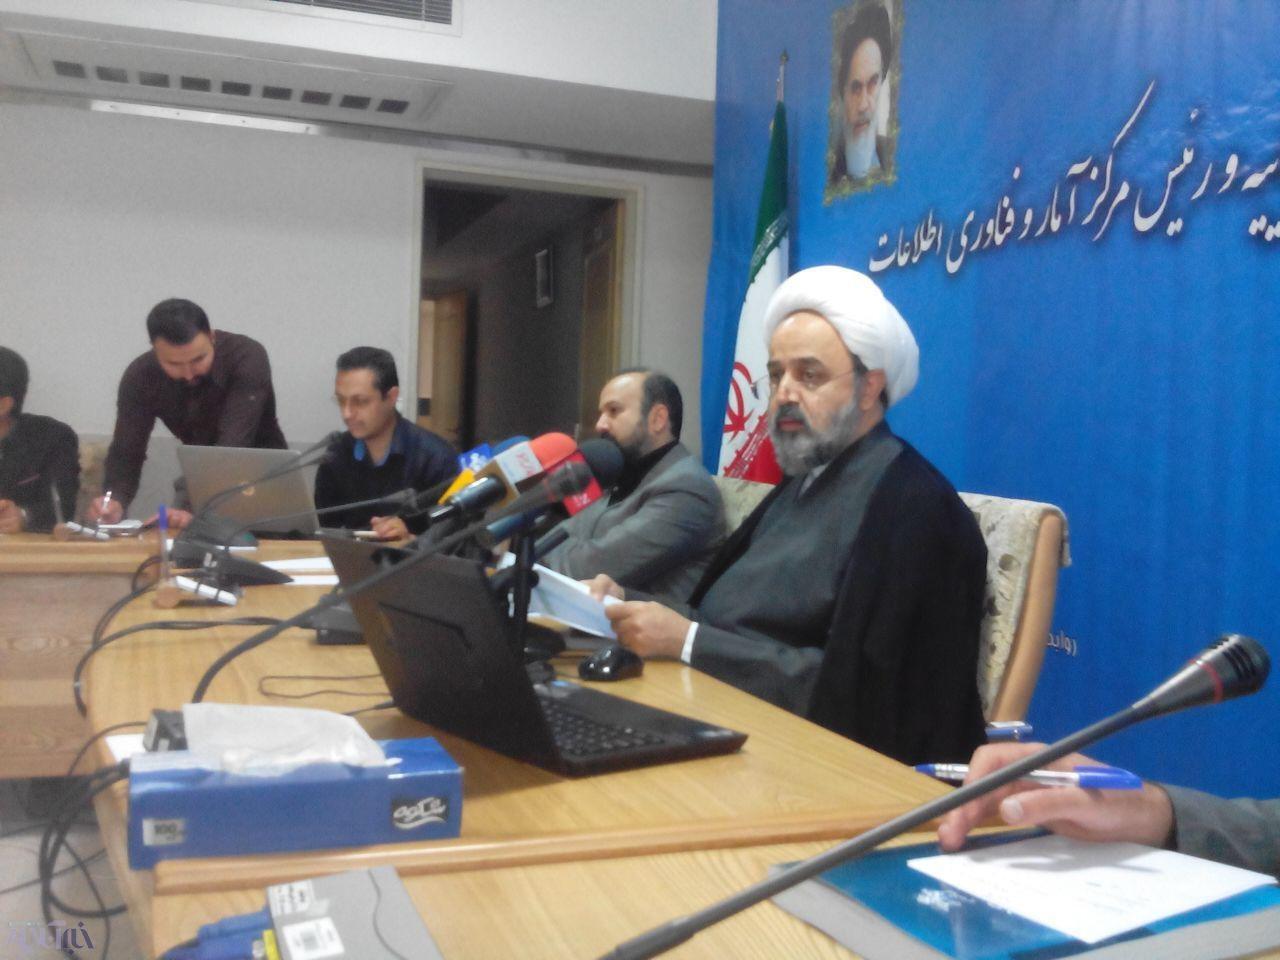 ورود ۹ میلیون پرونده قضایی جدید در سال ۹۴/ آمار کنش ایرانیها در حوزه قضایی/ آمار بالای جرایمکیفری